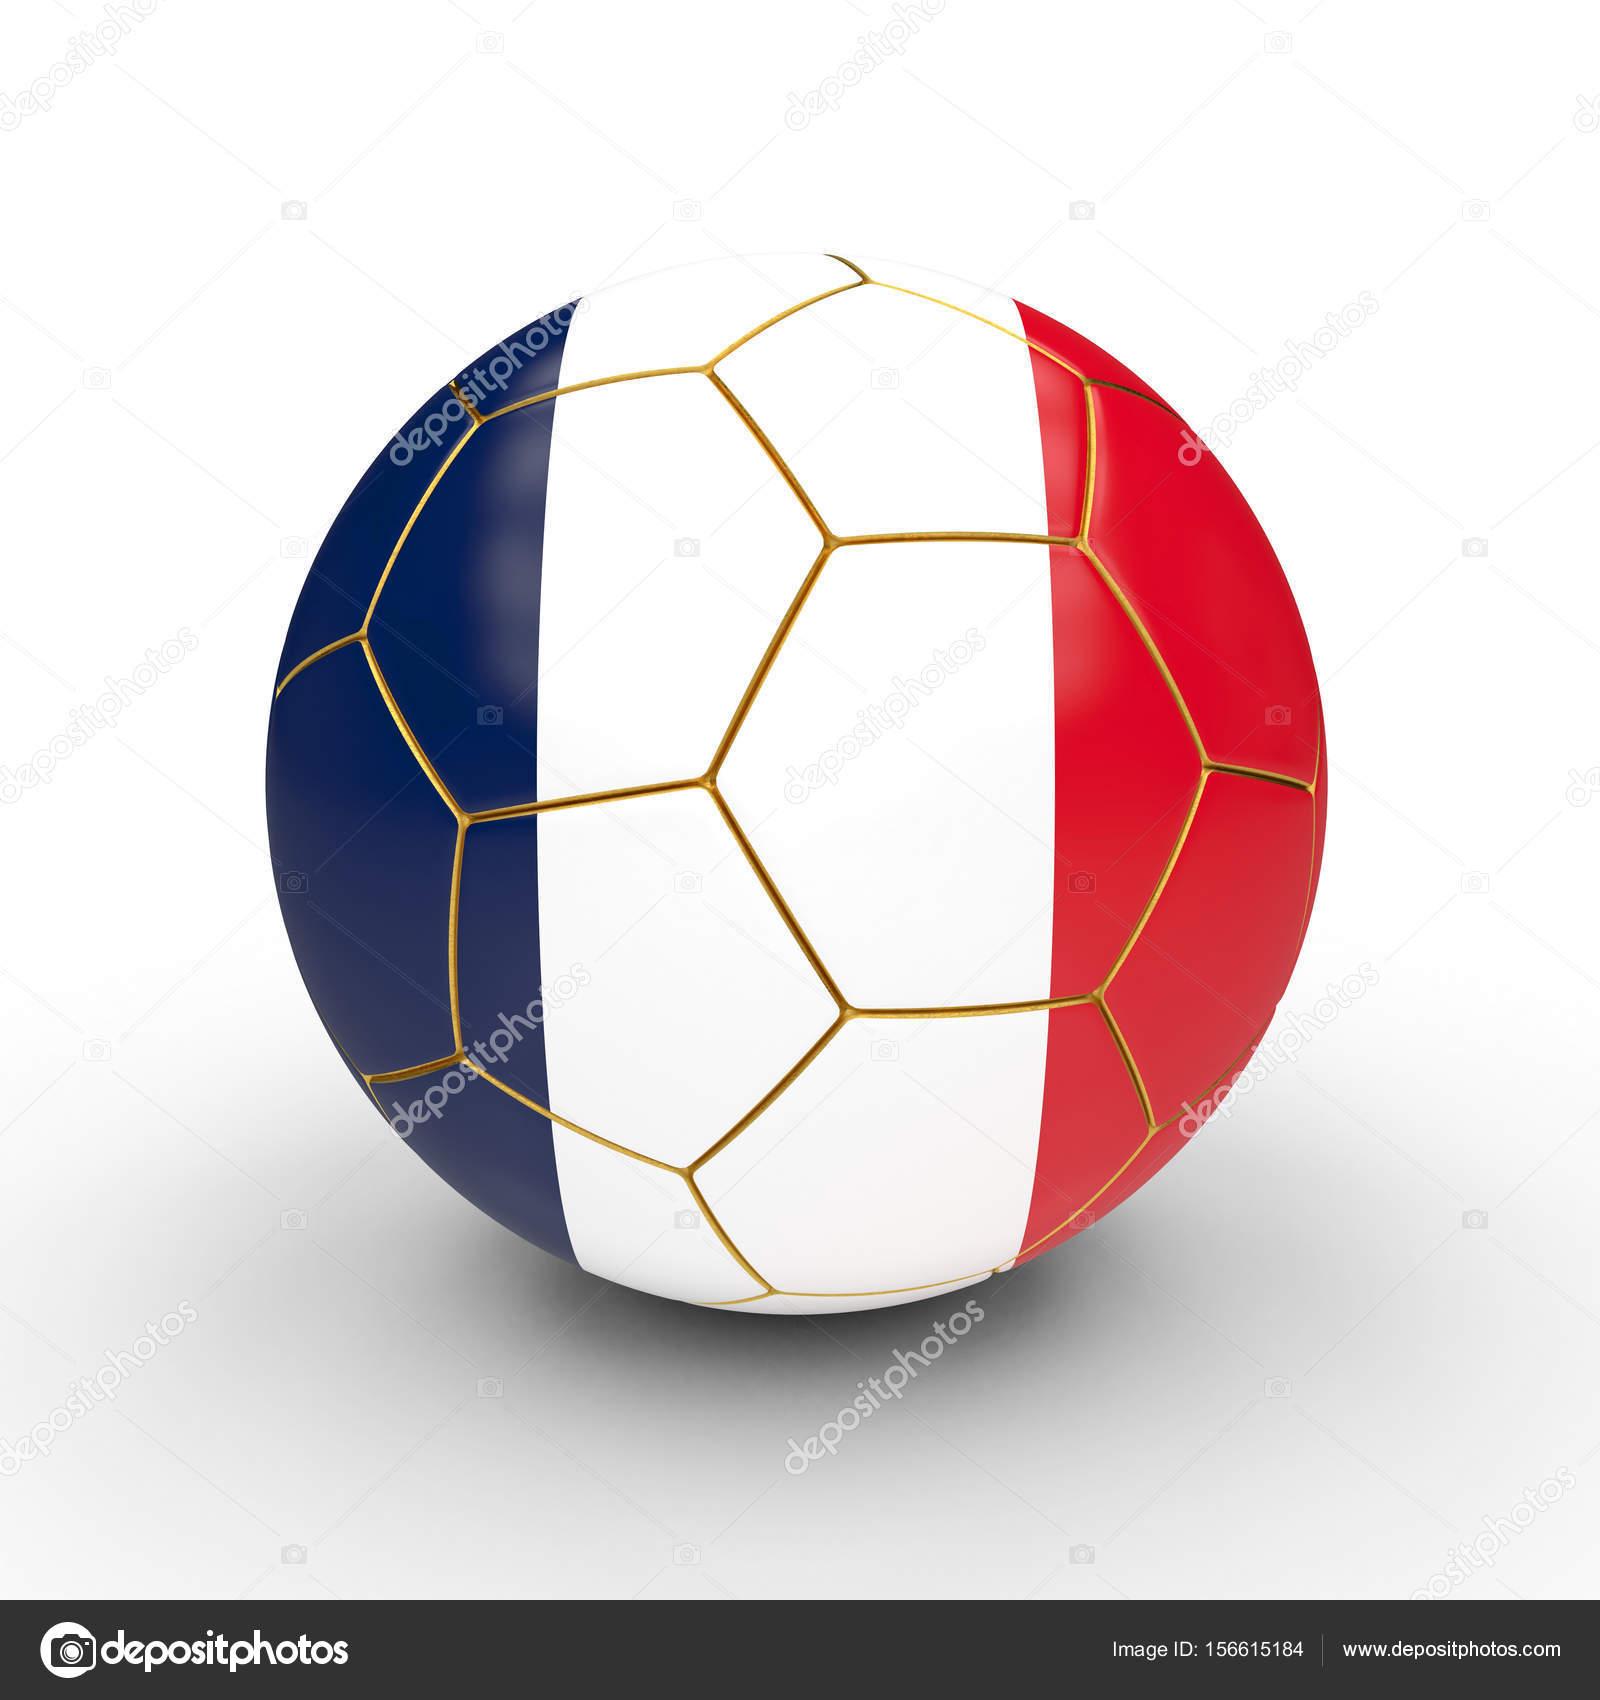 Мяч футбольный Франции флаг 3d рендеринга изображения — Фото автора jukai5 db368fd4fa0